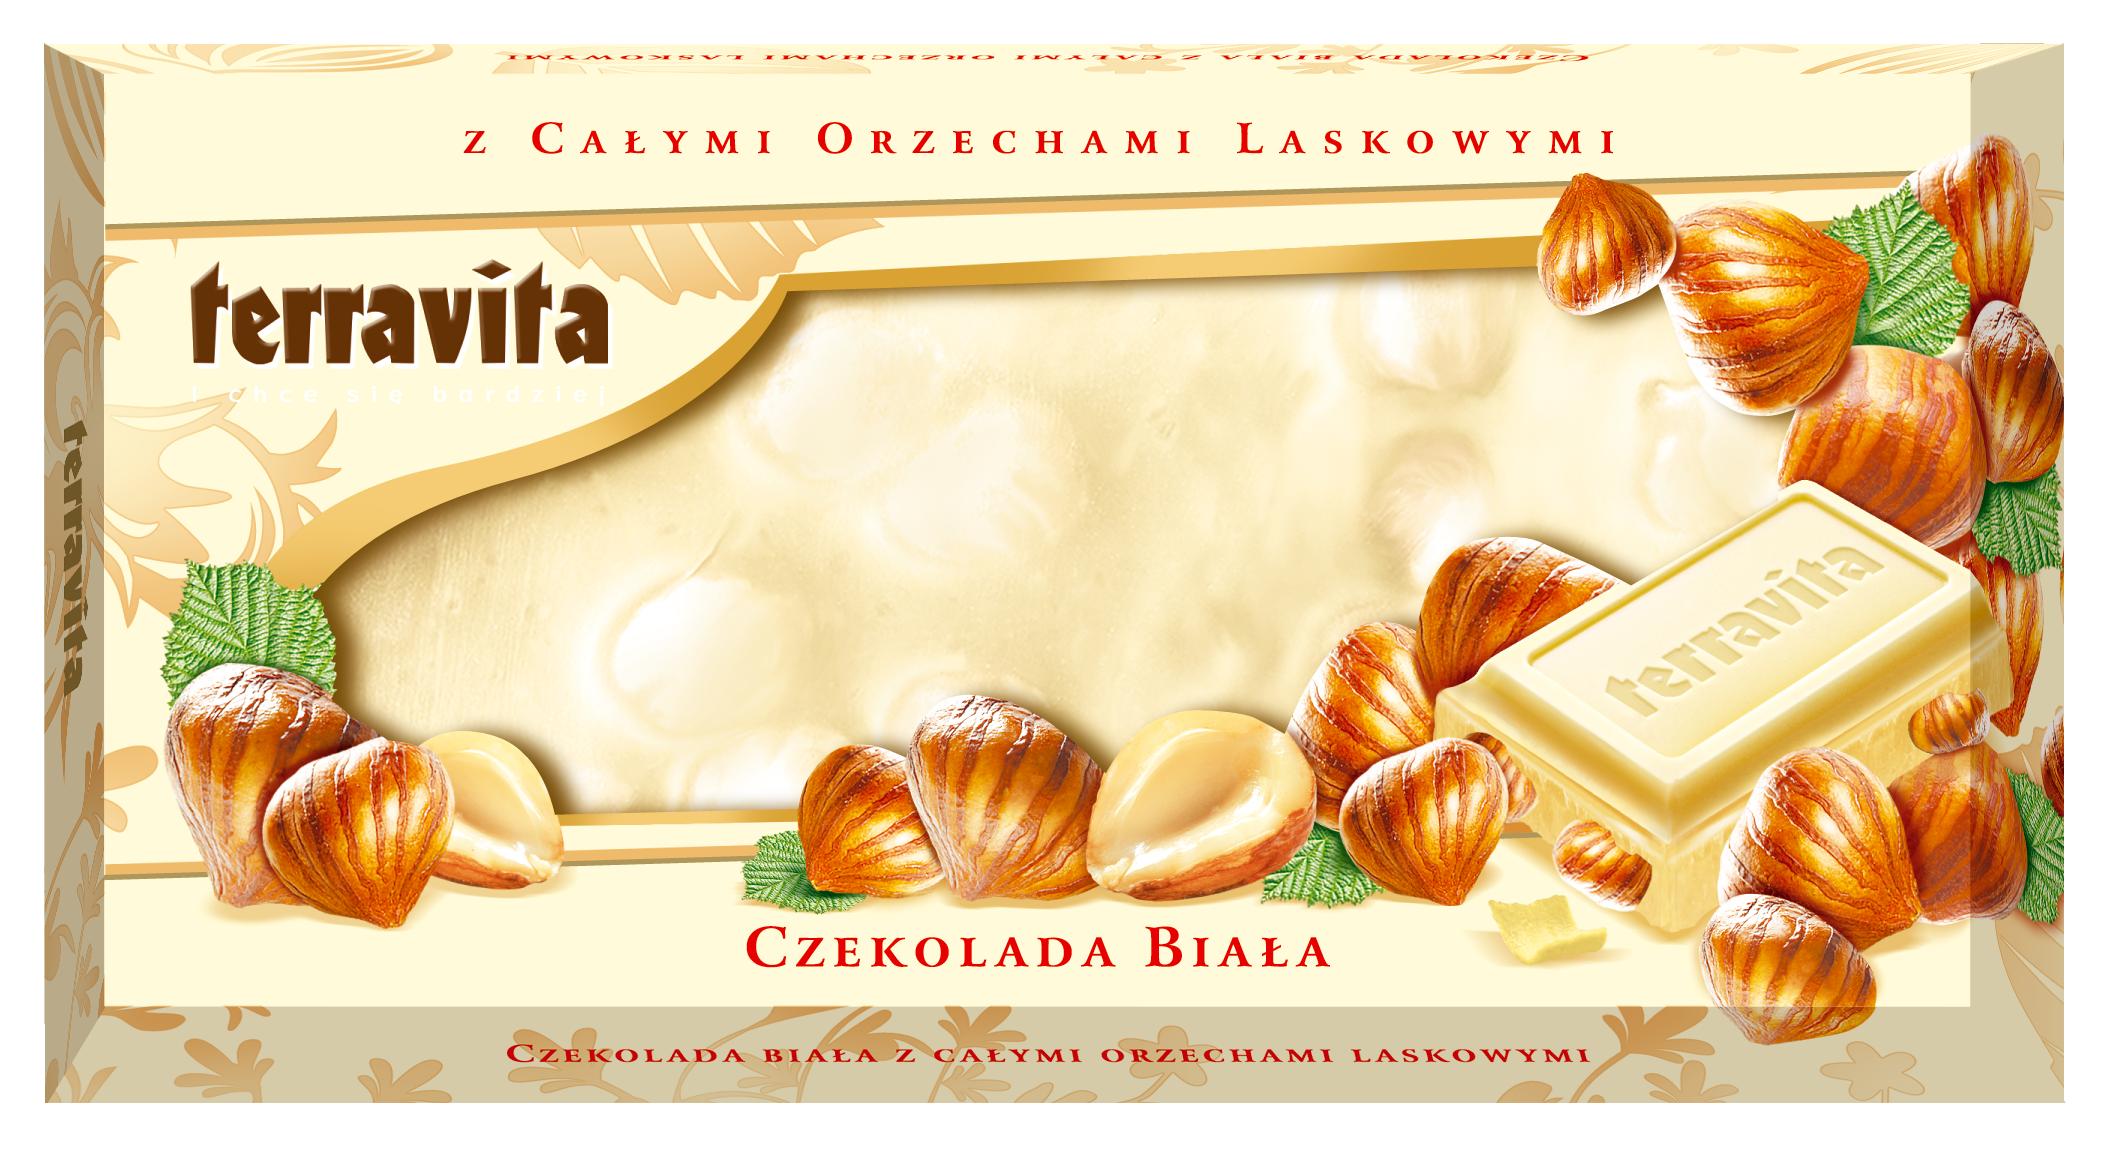 Terravita – Czekolady z całymi orzechami laskowymi